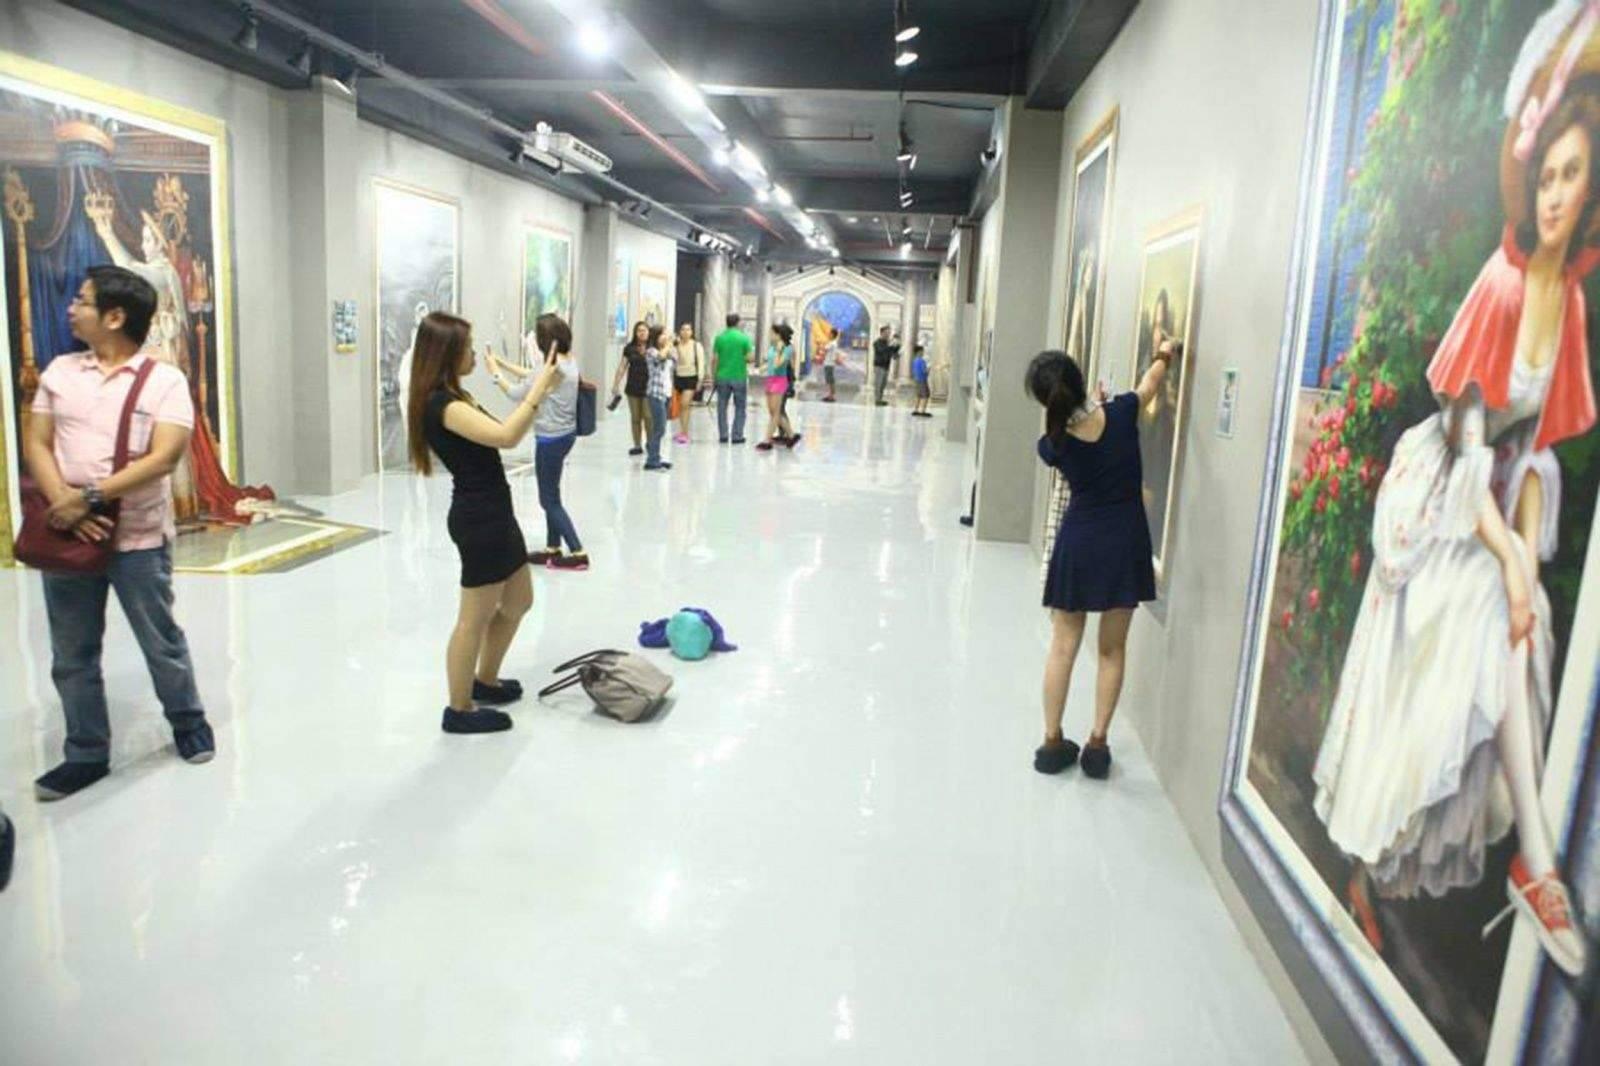 מוזיאון חדש ל-Selfies נפתח בקליפורניה